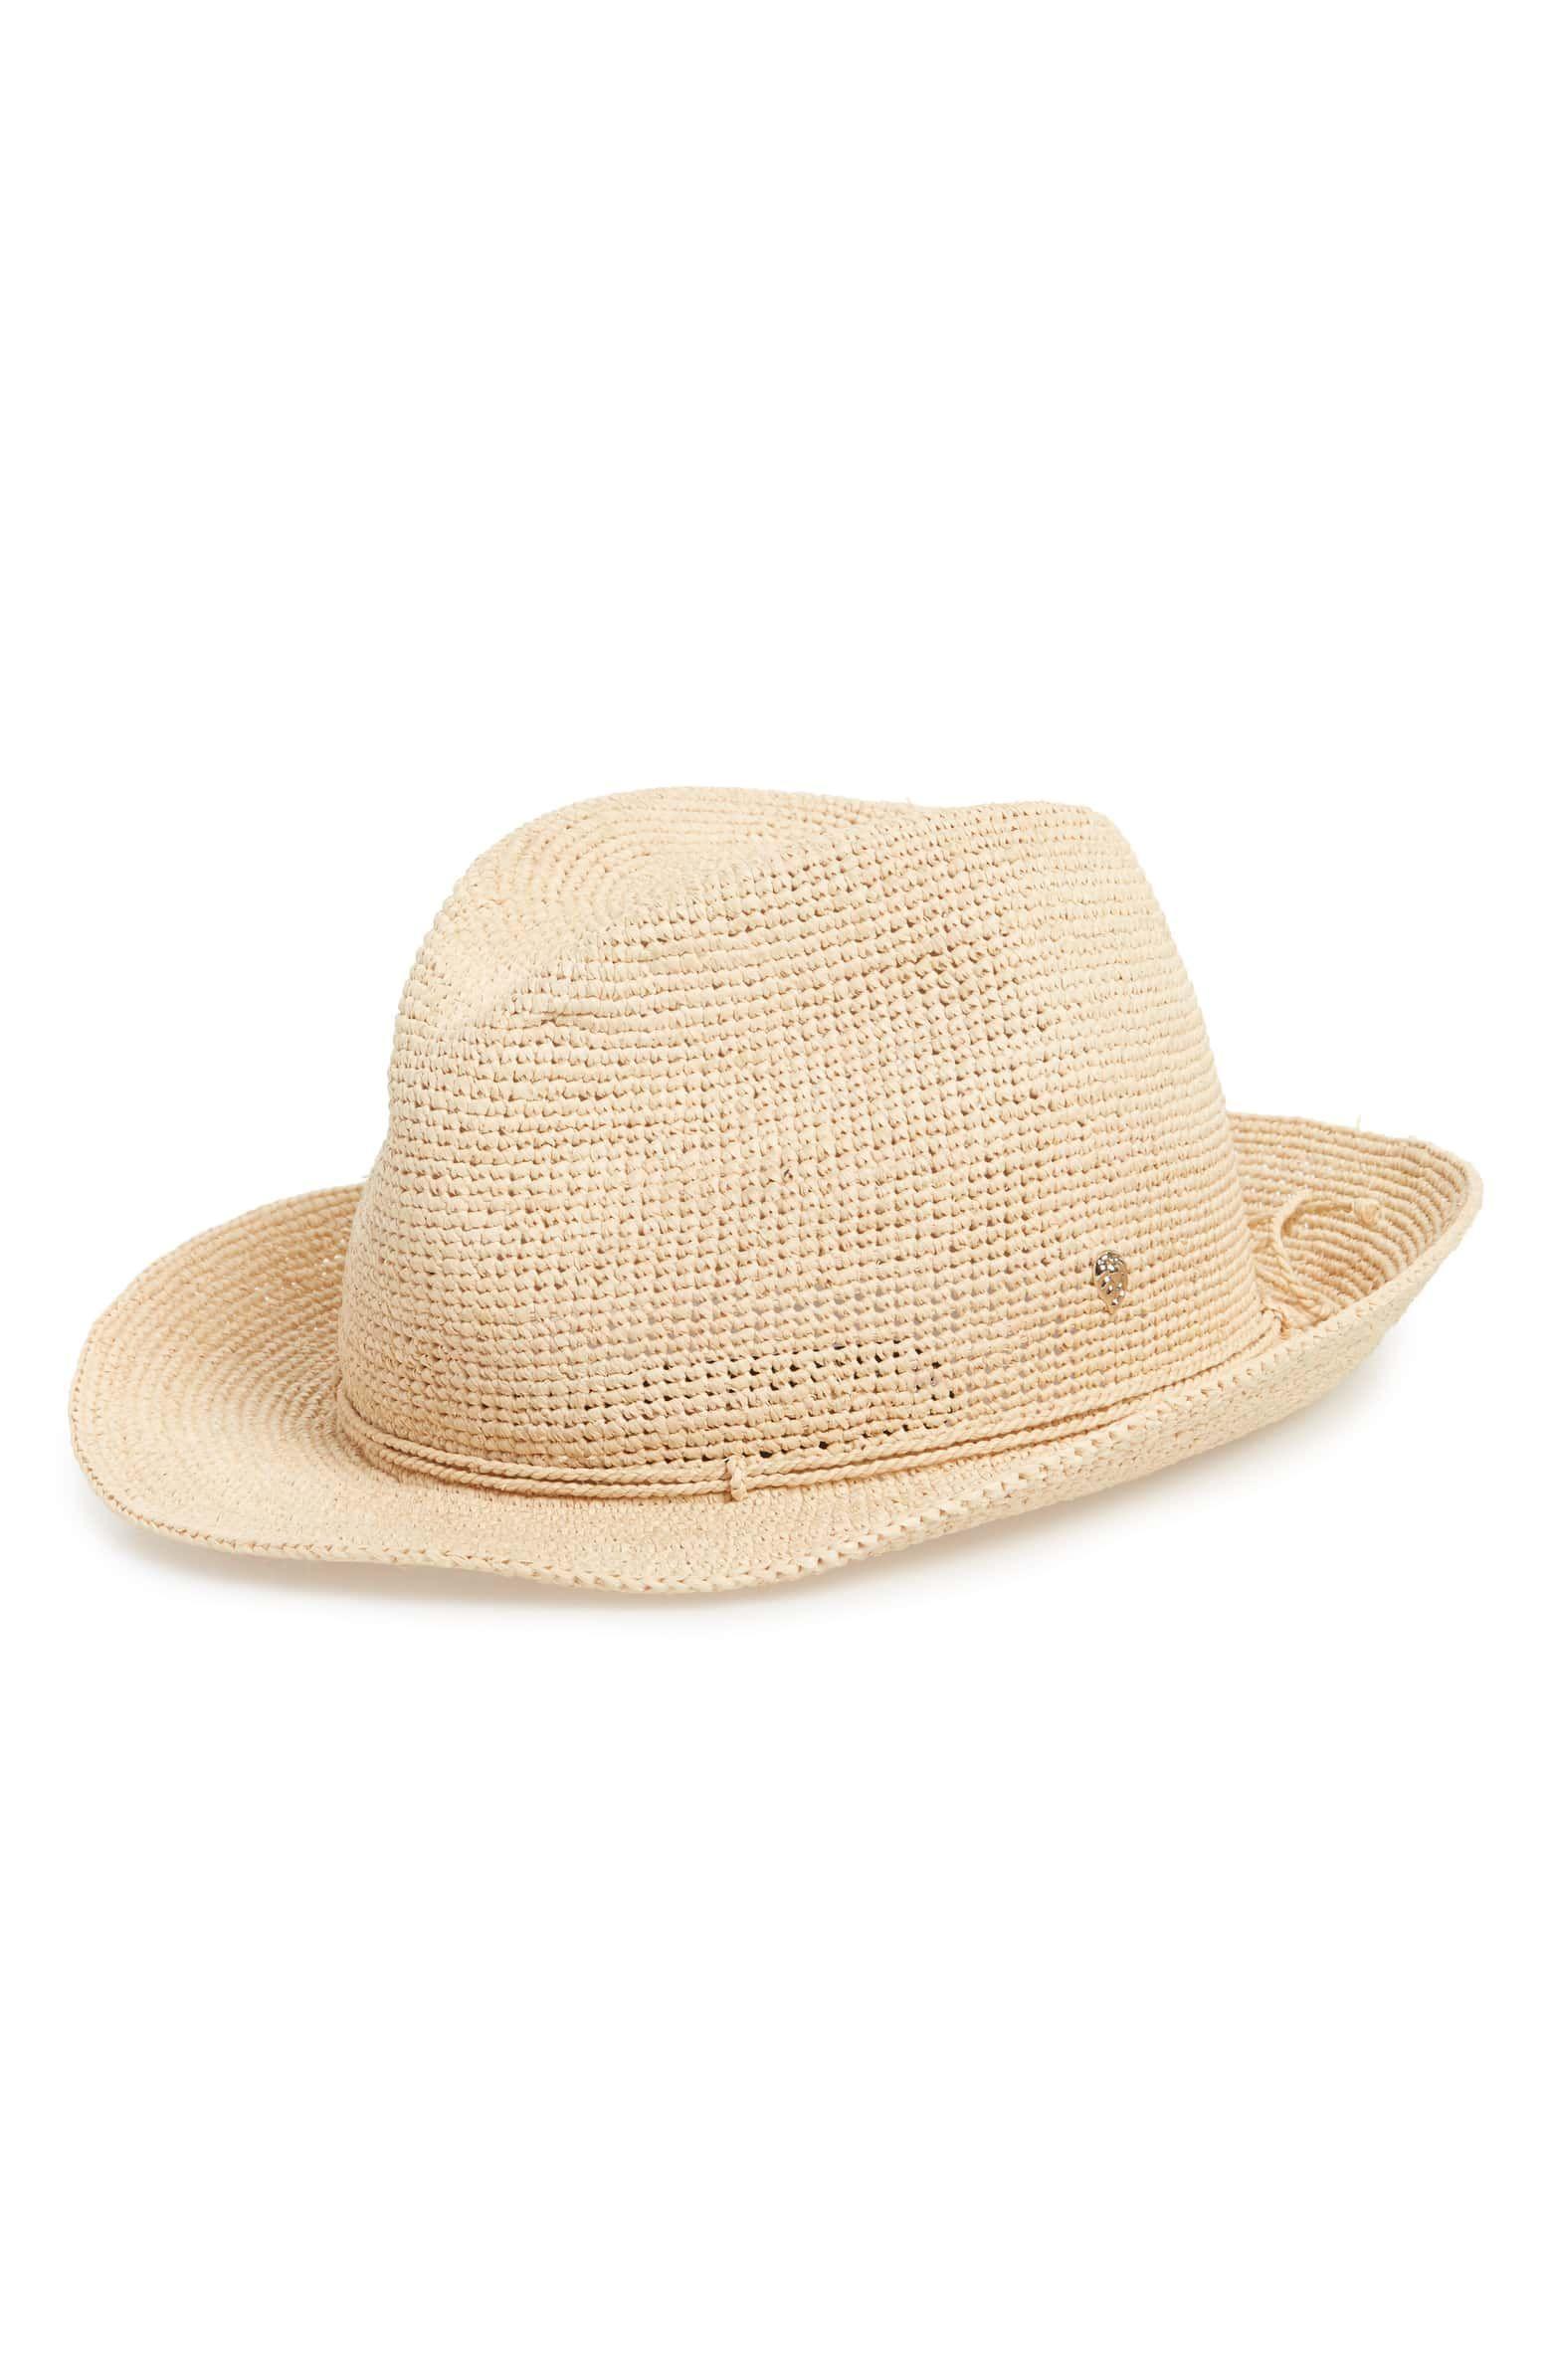 f17806f871e Raffia Crochet Packable Sun Hat